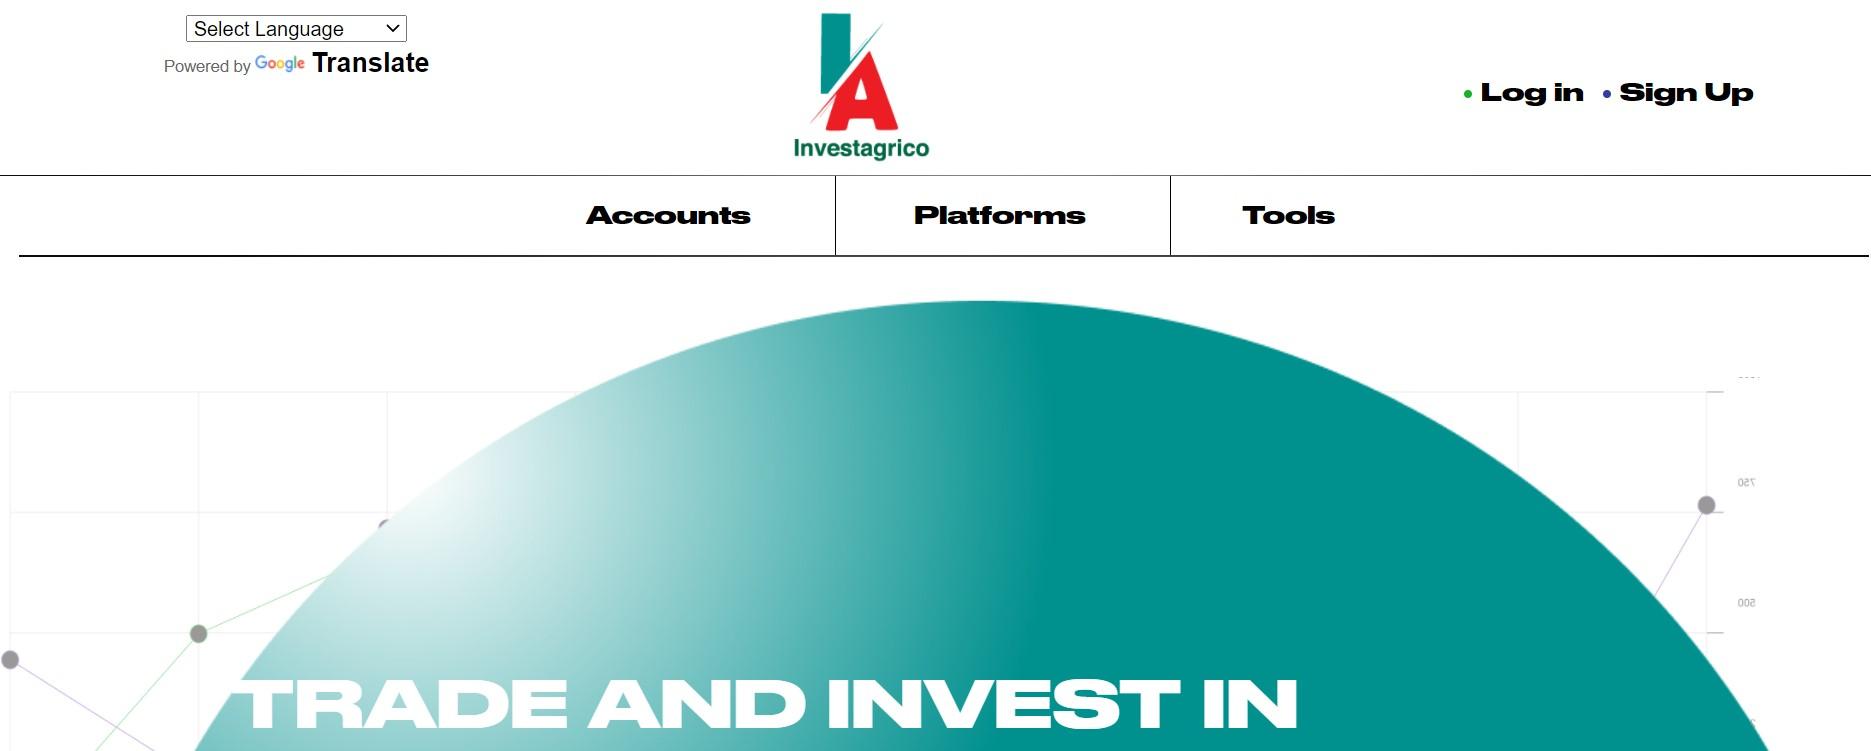 Investagrico website